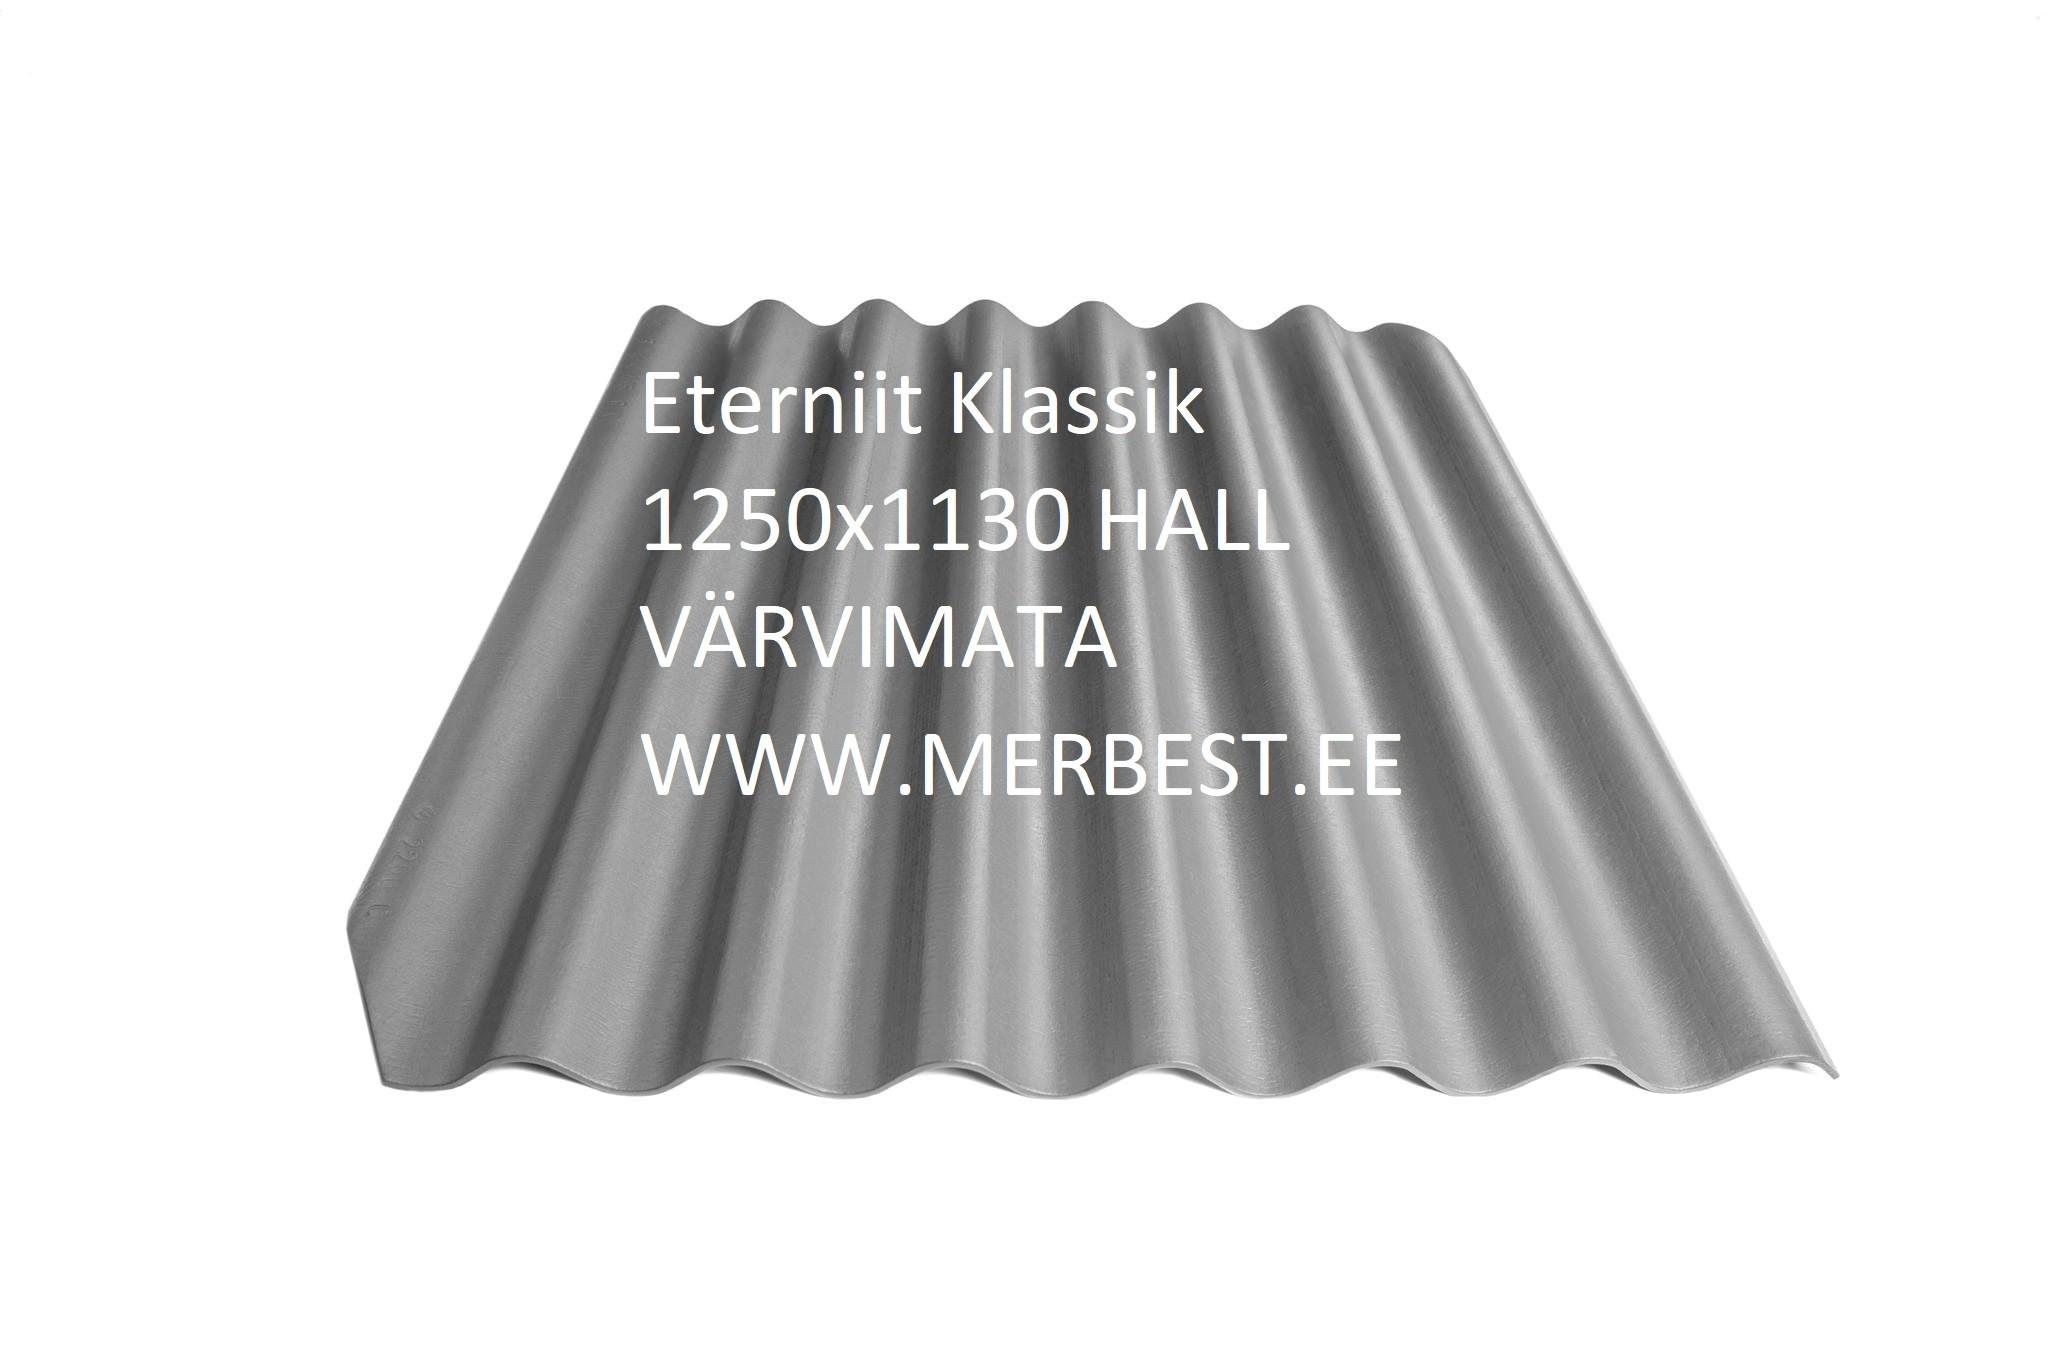 Eternit_Klasika 1250x1130_BL00, värvimata hall, eterniit, eterniidi müük, katuseplaat, laineplaat, eterniidi vahetus, katusetööd, merbest oü